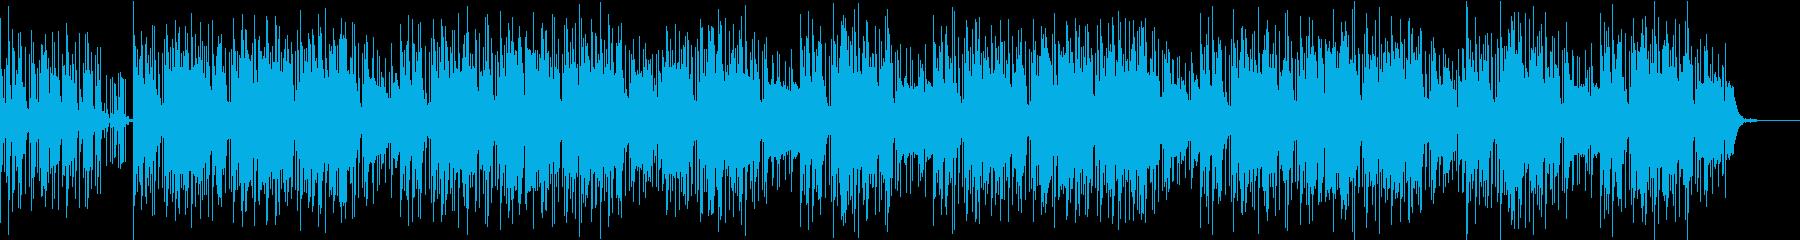 ゆったり落ち着いたヒップホップ系BGMの再生済みの波形